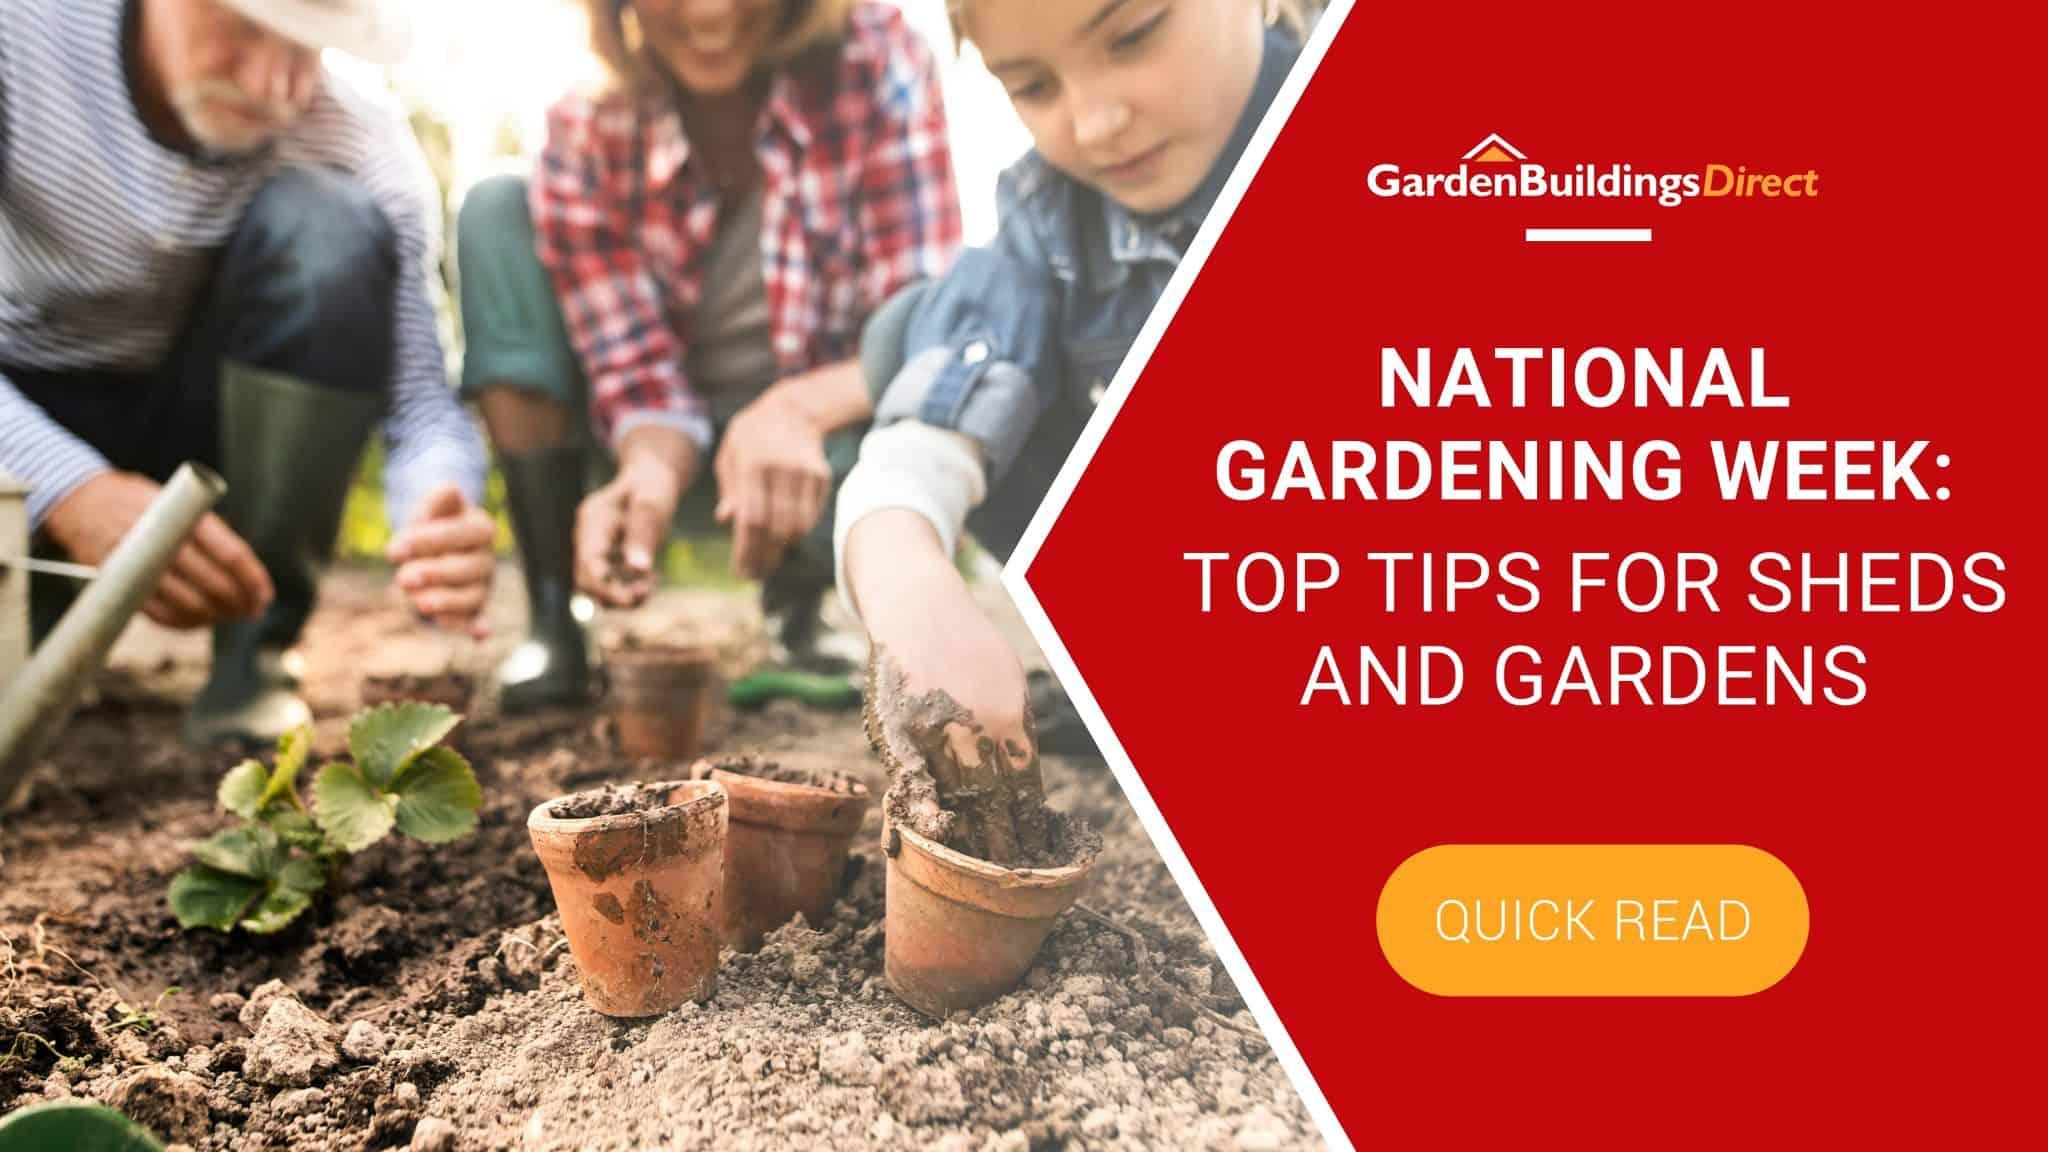 National Gardening Week Featured Image 3